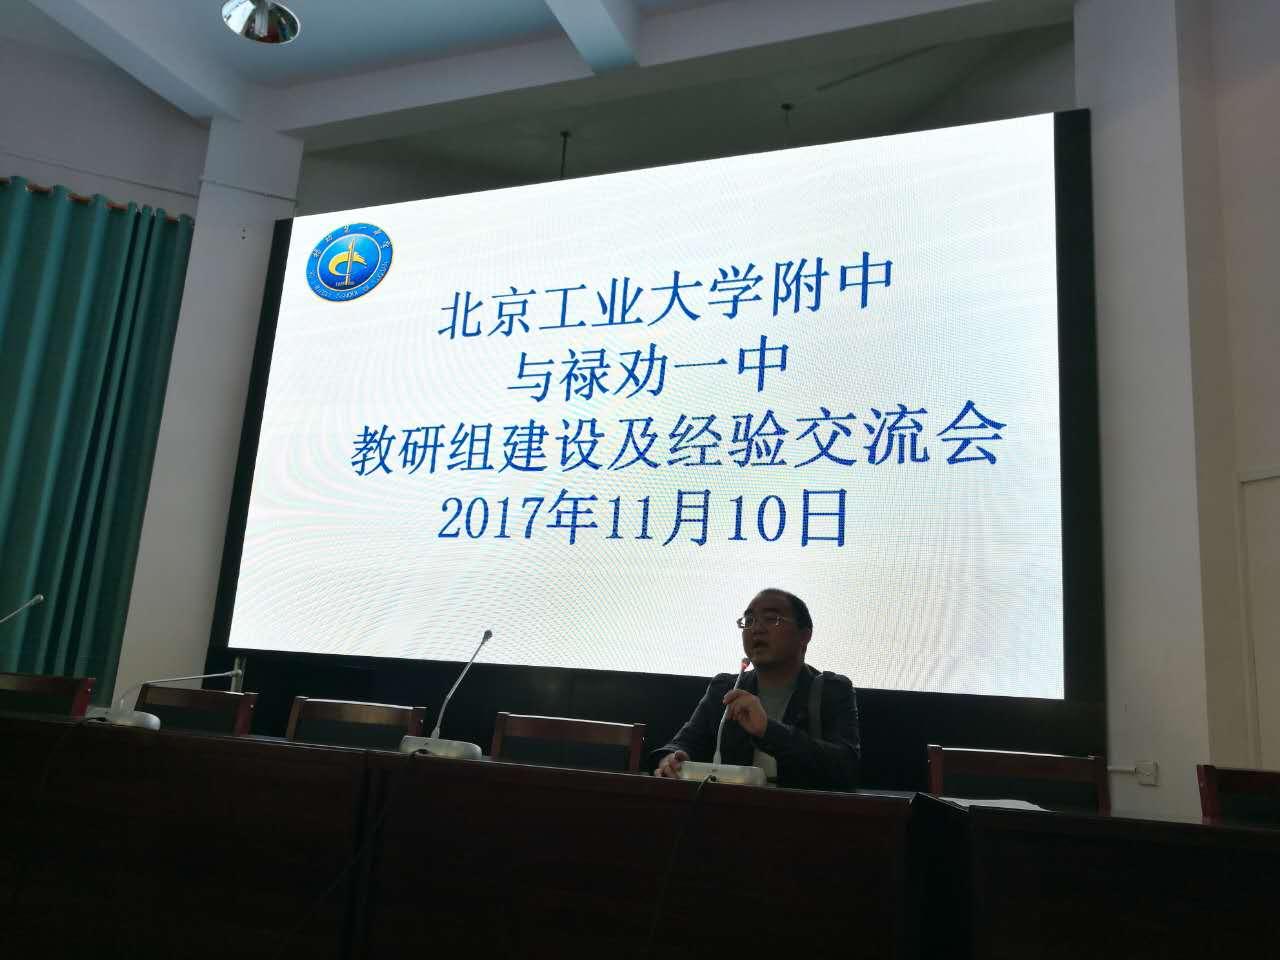 禄劝一中教科室主任李兴军表态发言.jpg